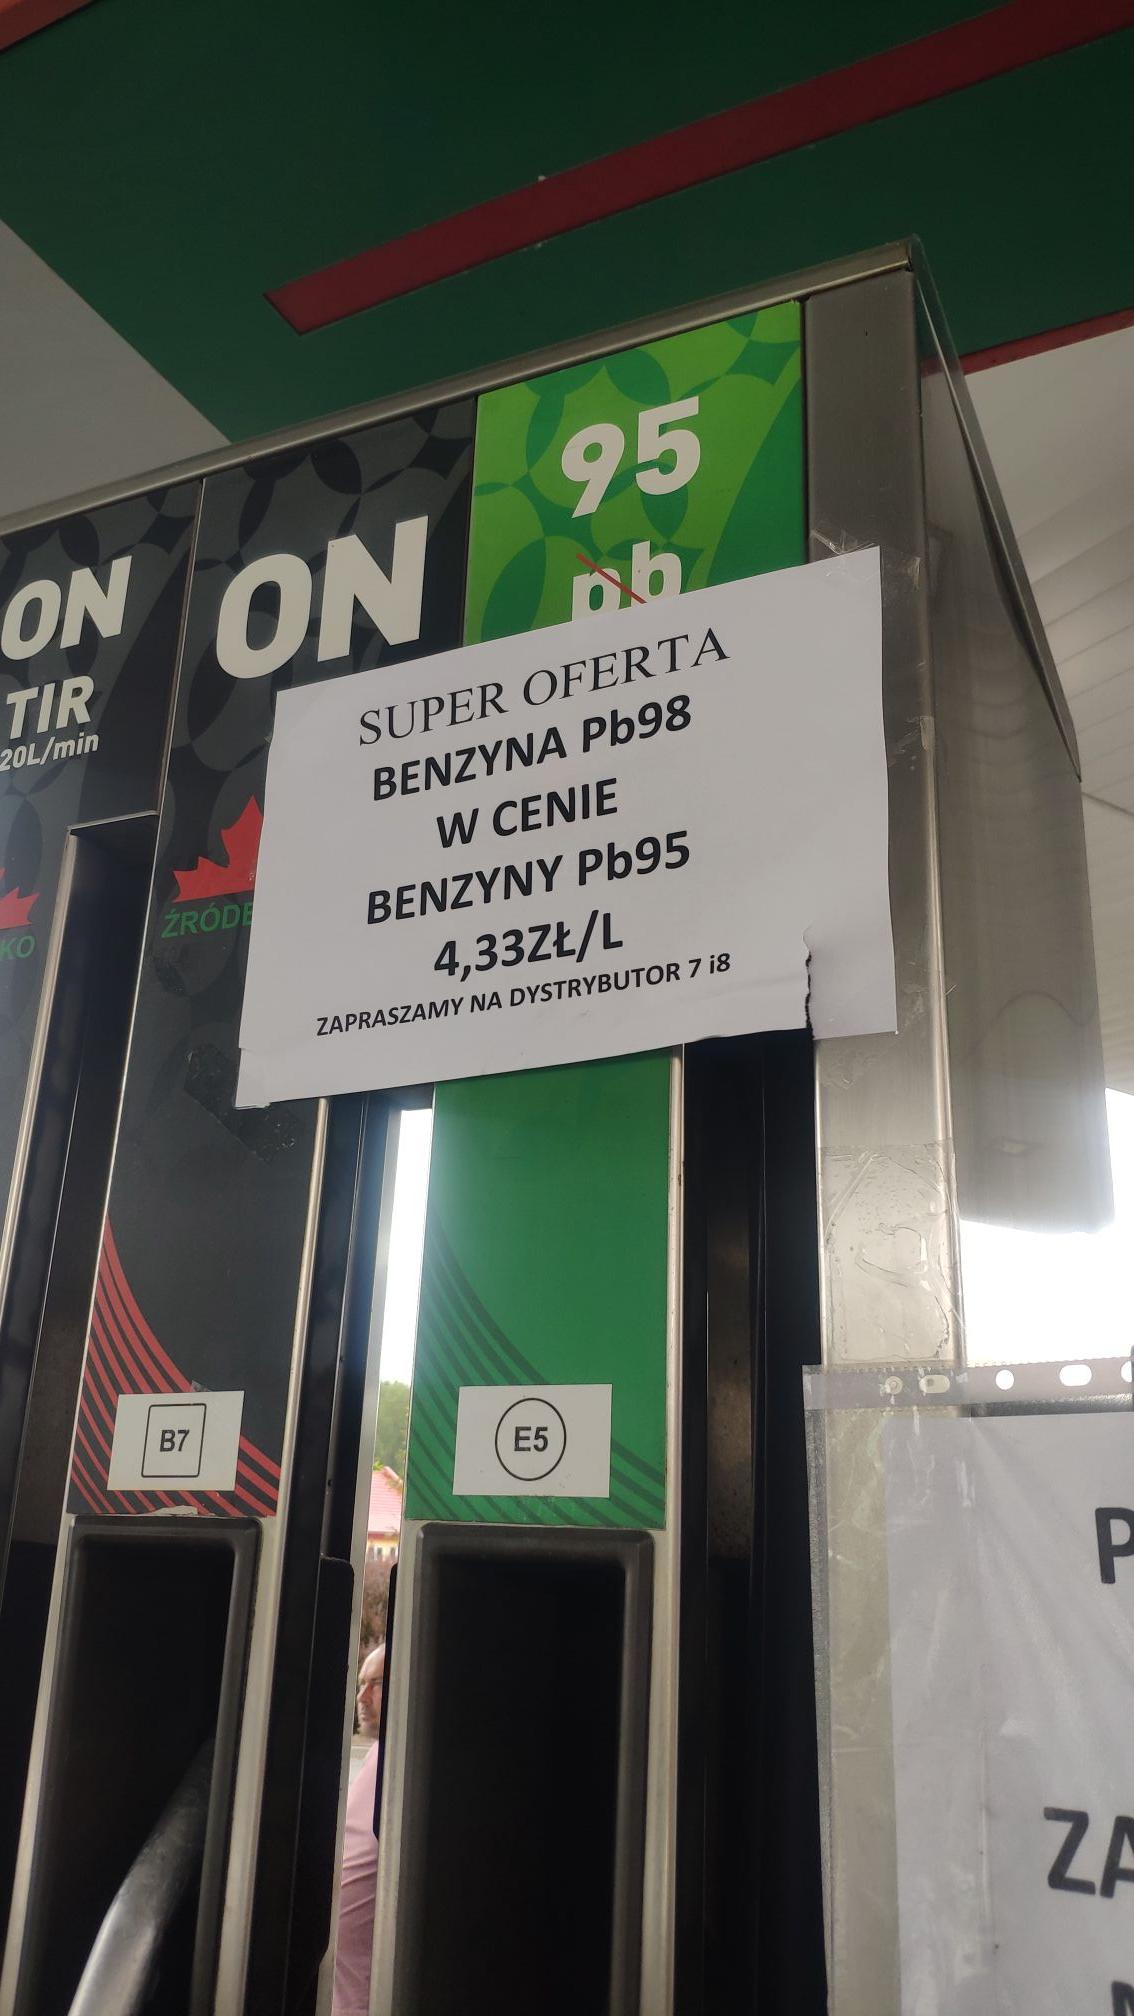 Benzyna Pb98 w cenie Pb95